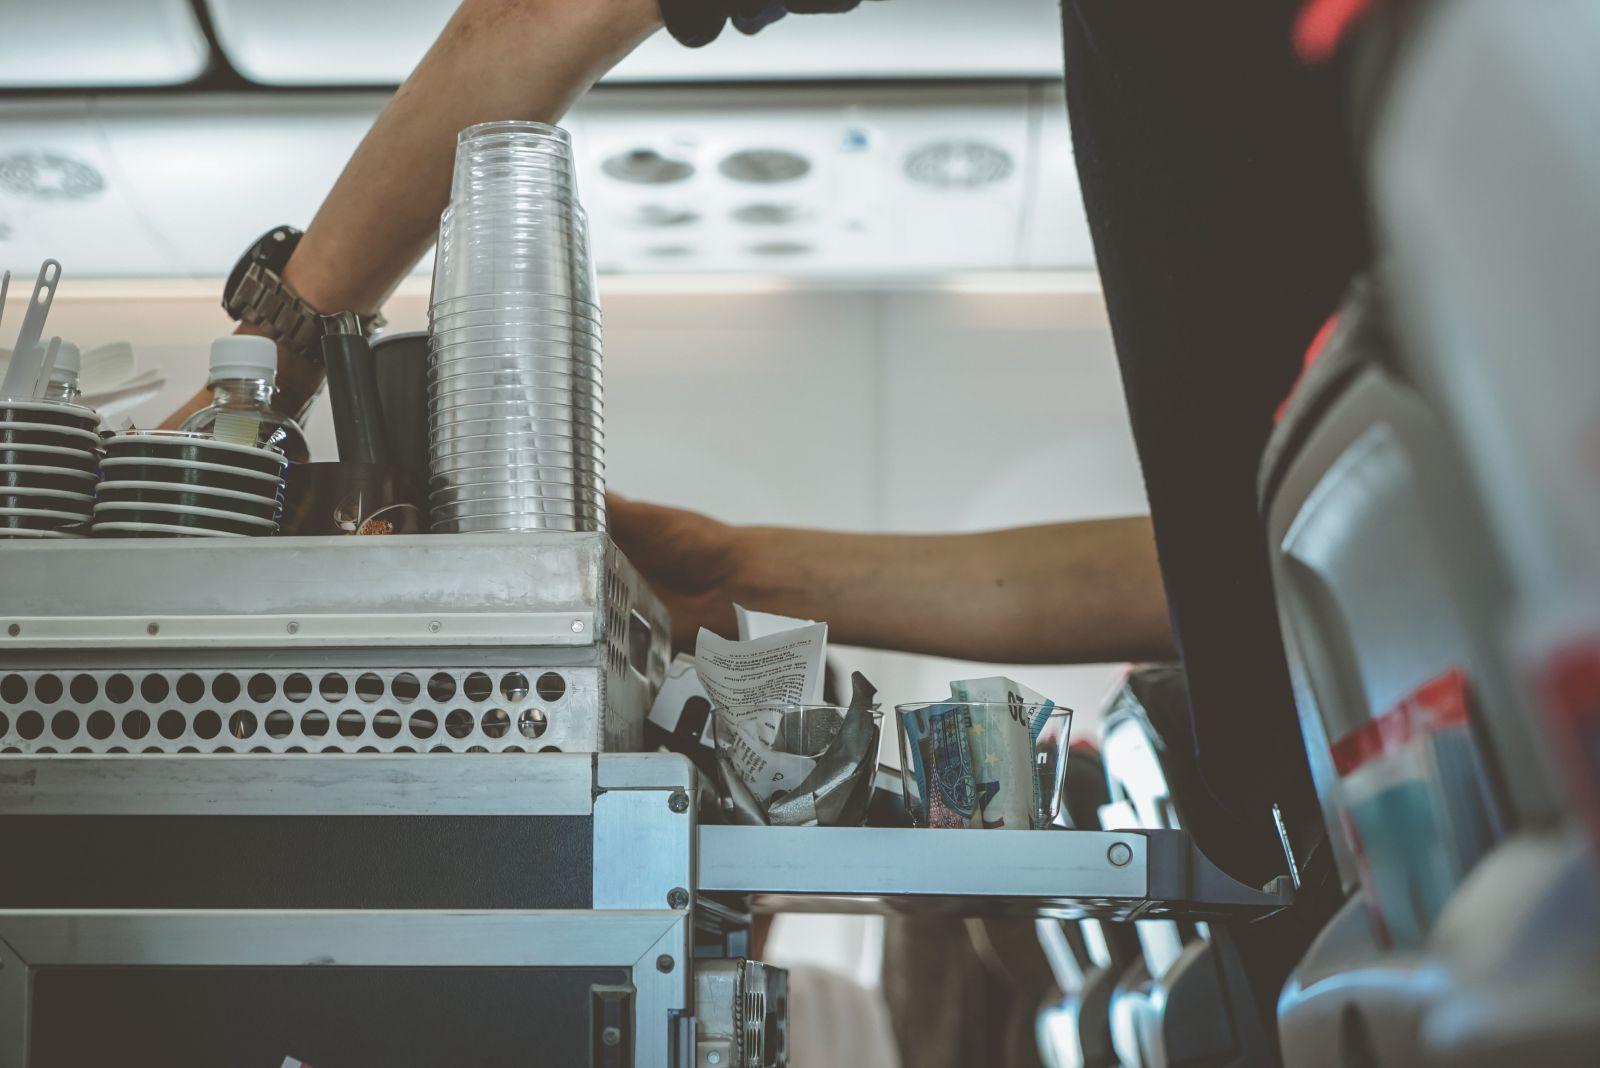 Nová štúdia varuje: v lietadle radšej nepi rozlievanú vodu a neumývaj si ruky na toalete